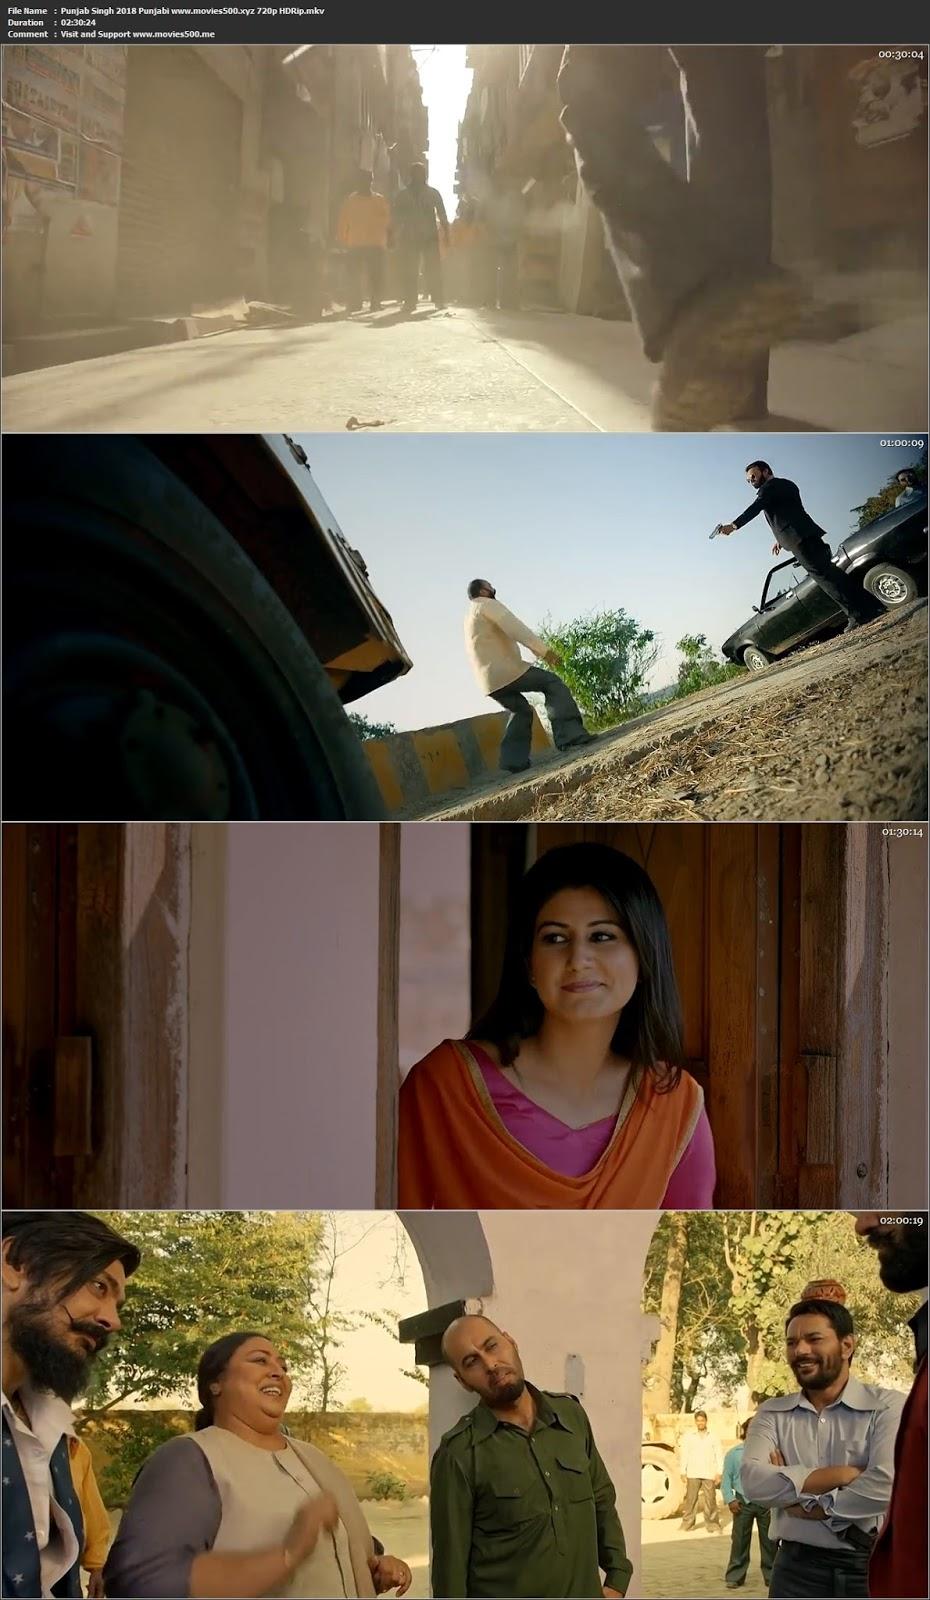 Punjab Singh 2018 Punjabi Full Movie HDRip 720p at sytppm.biz